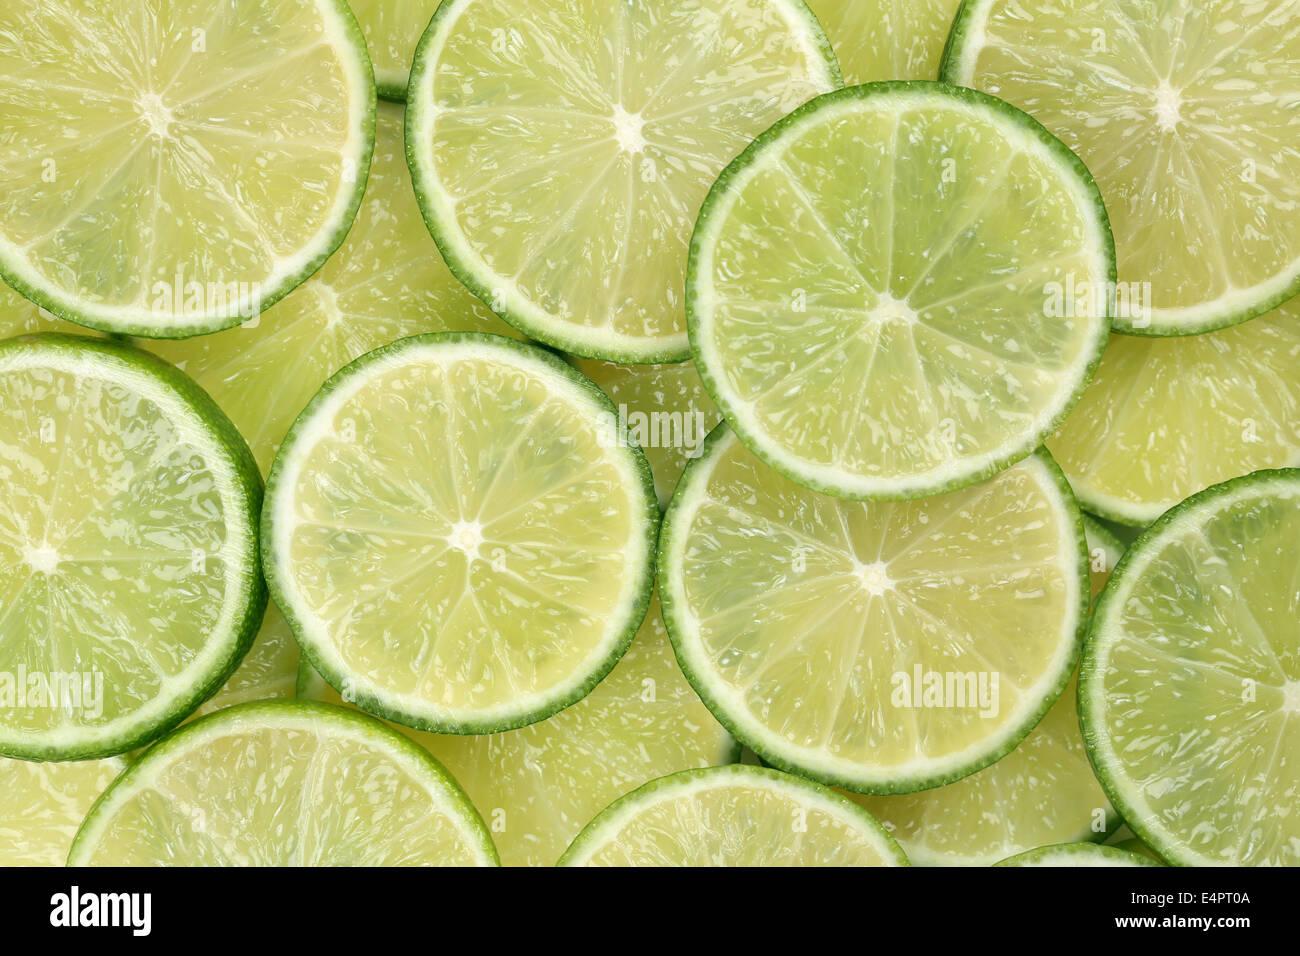 Antecedentes de rodajas de limón cítricos Imagen De Stock